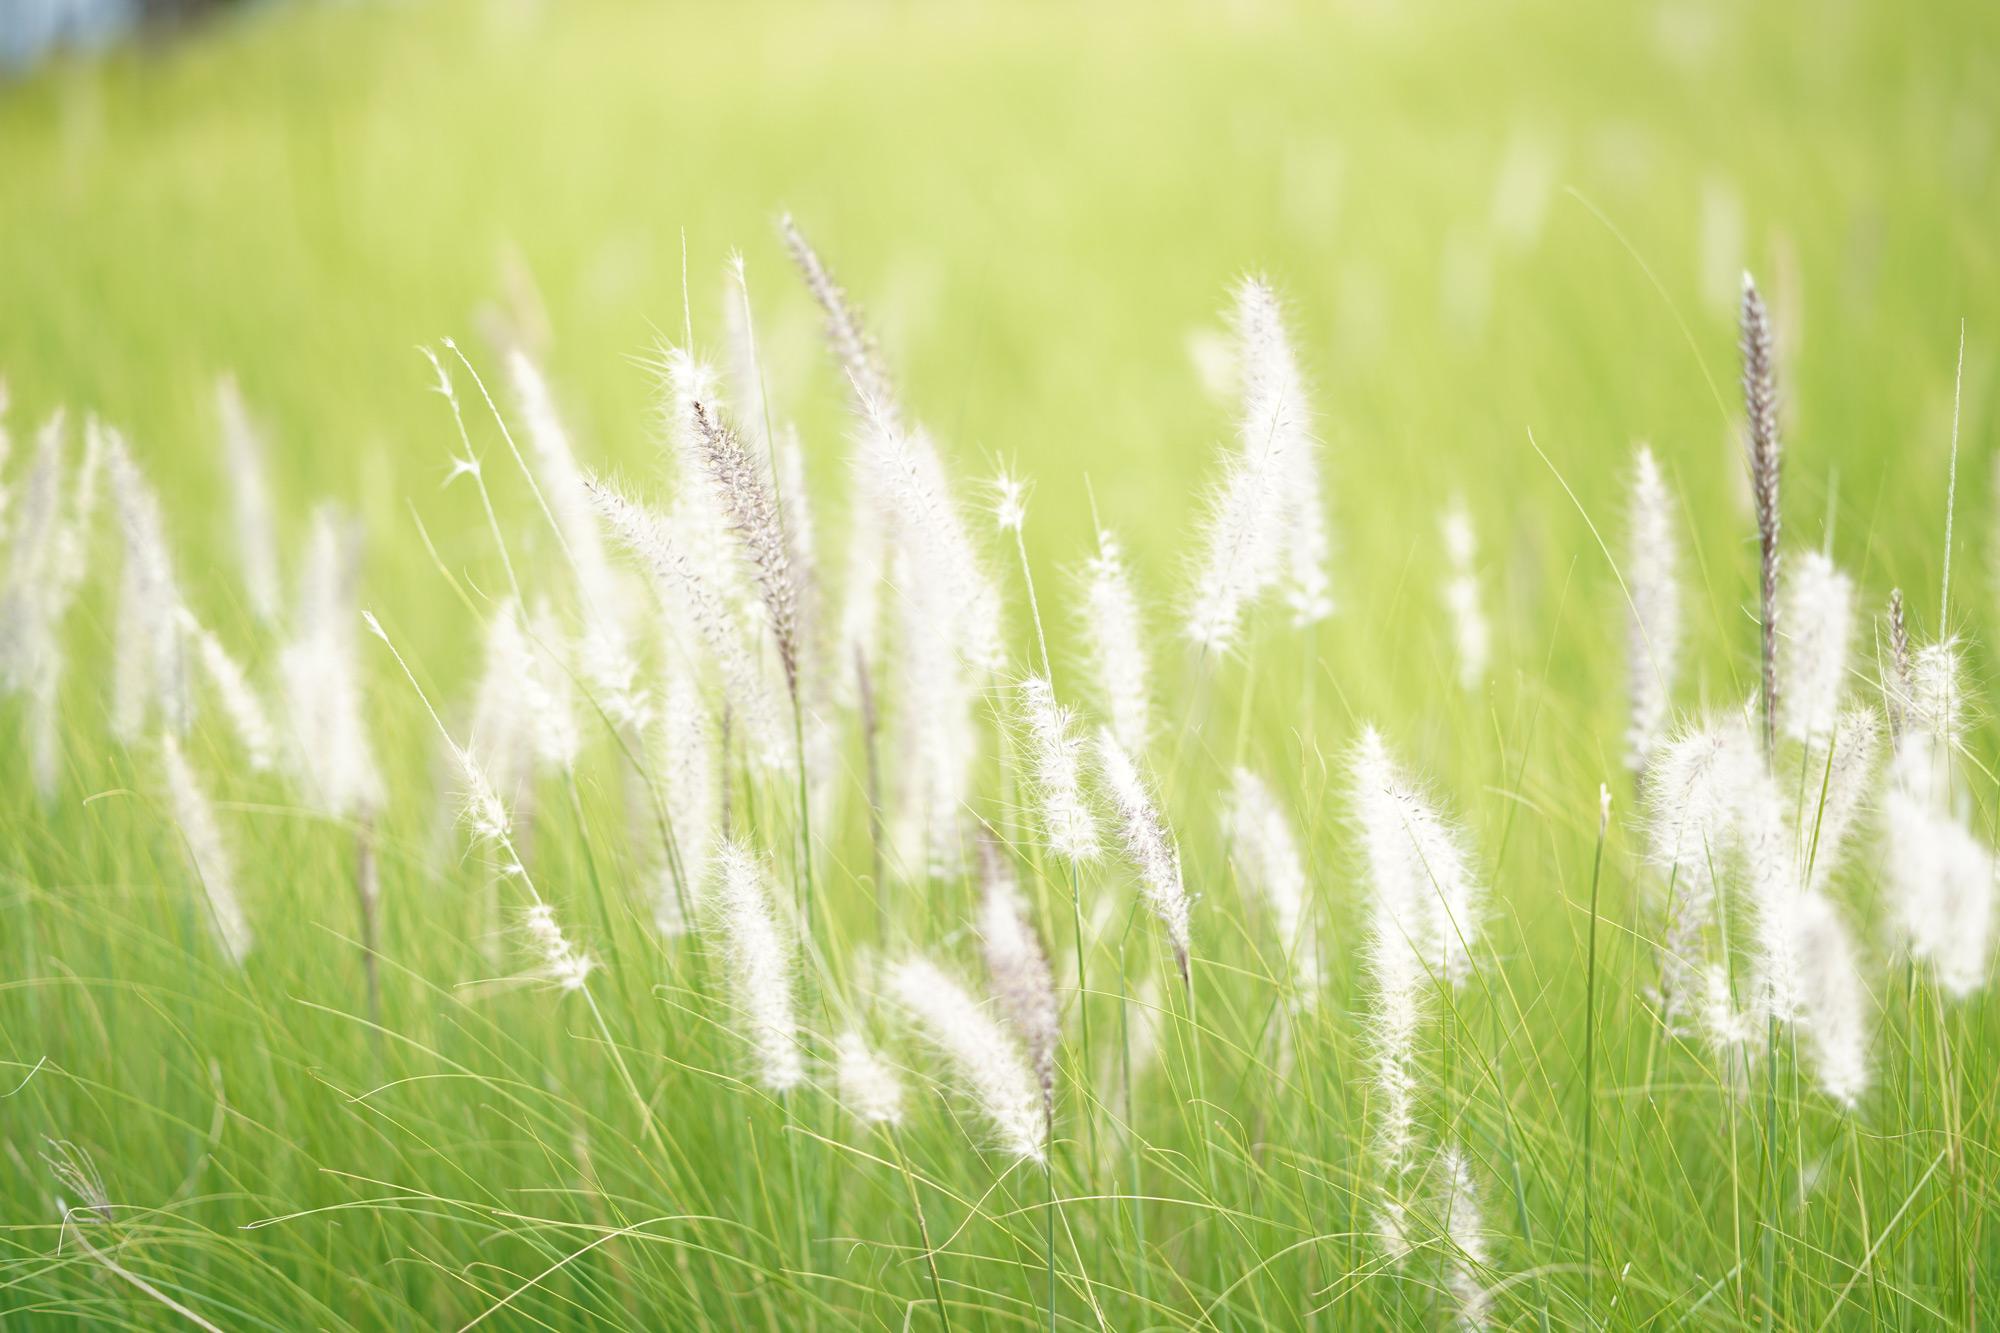 Cogon grass